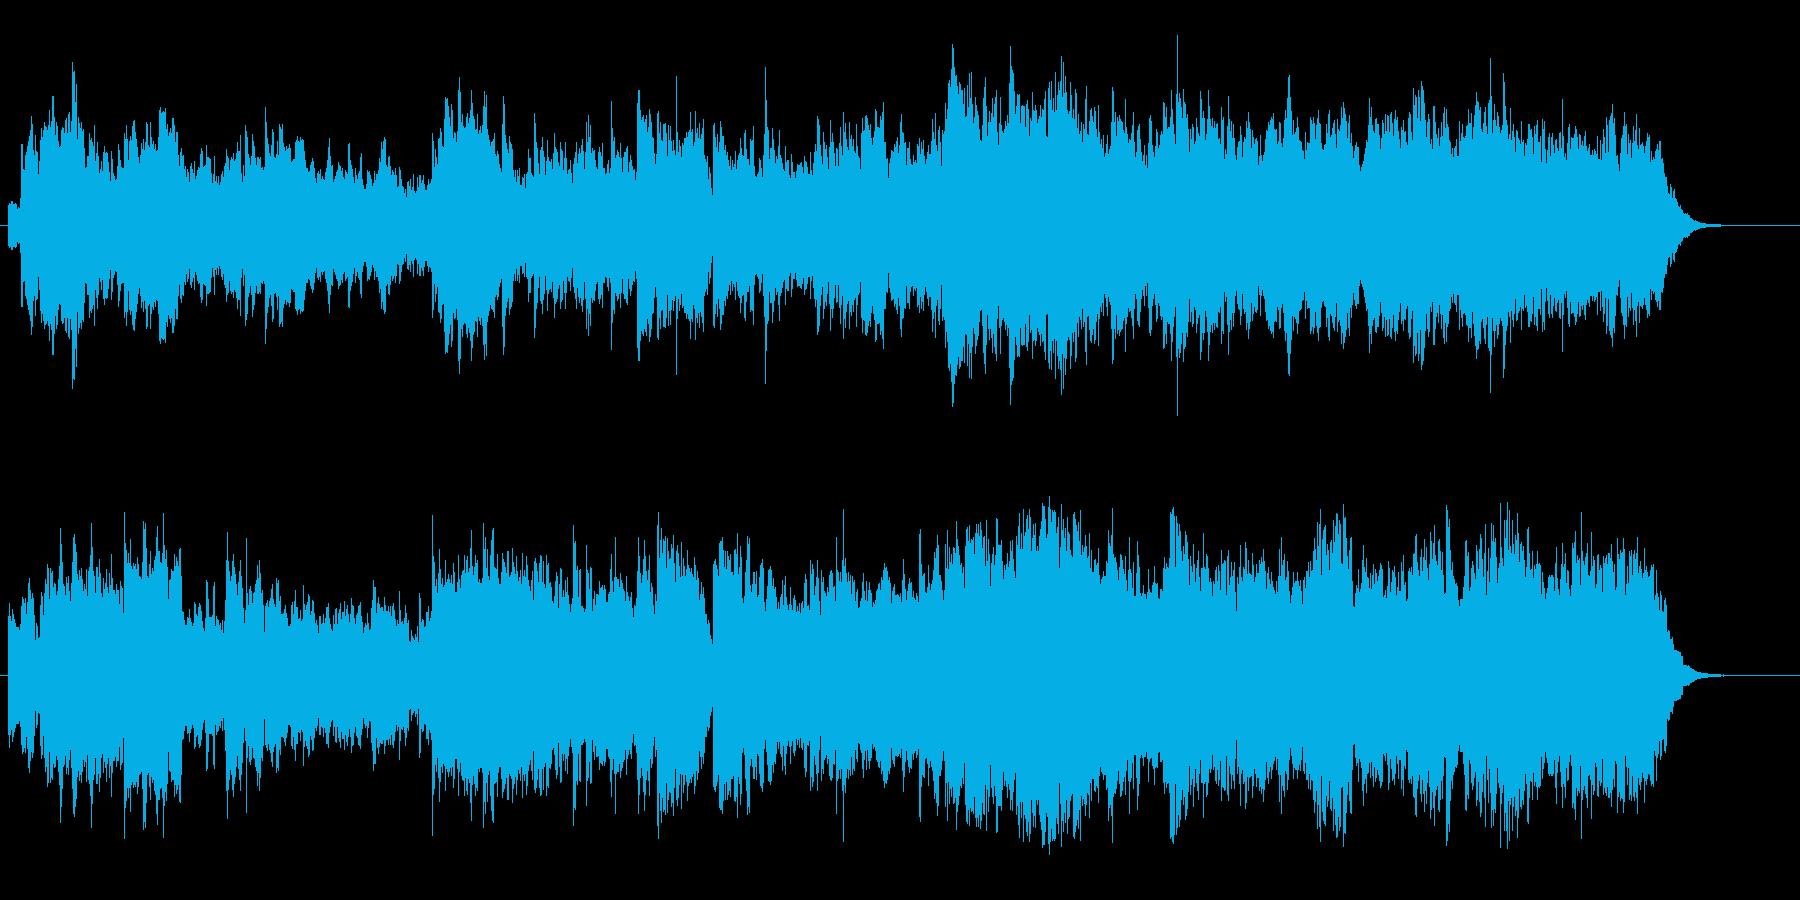 暖かな笛の音色のクラシカル・ポップスの再生済みの波形